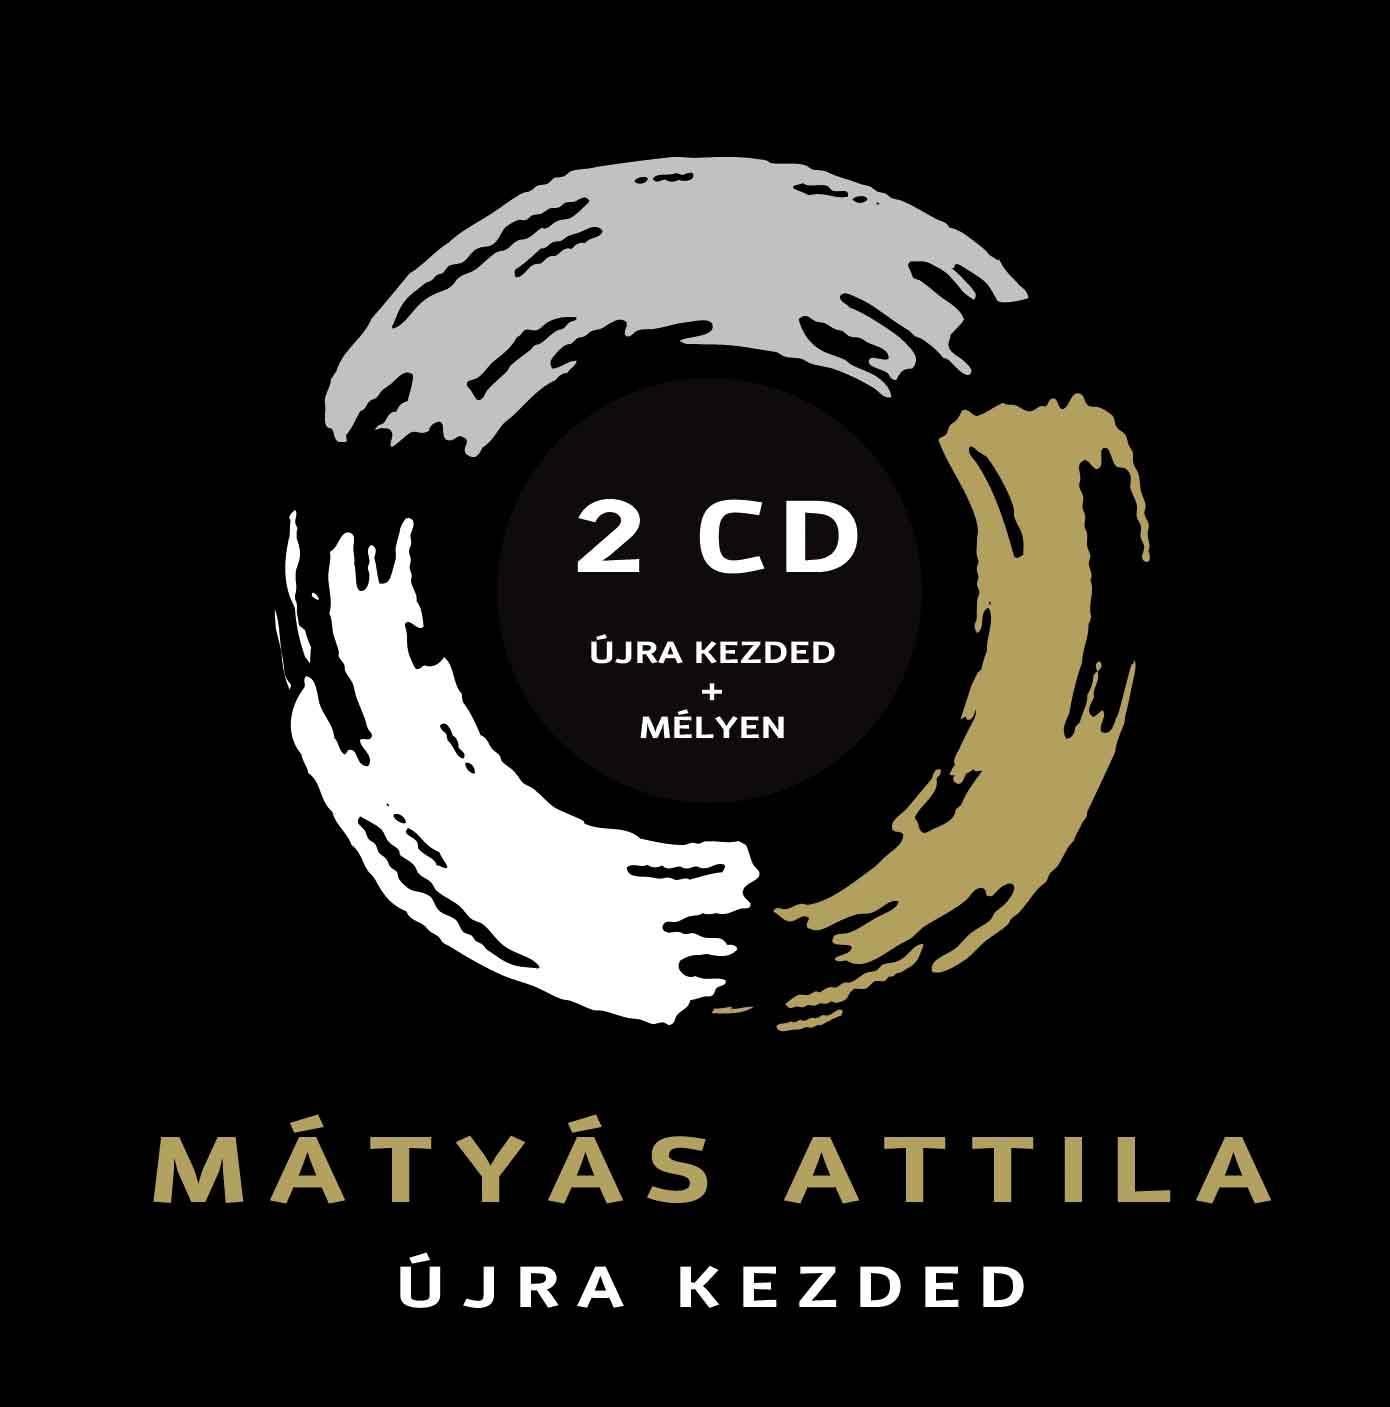 ÚJRA KEZDED+MÉLYEN - MÁTYÁS ATTILA - 2CD